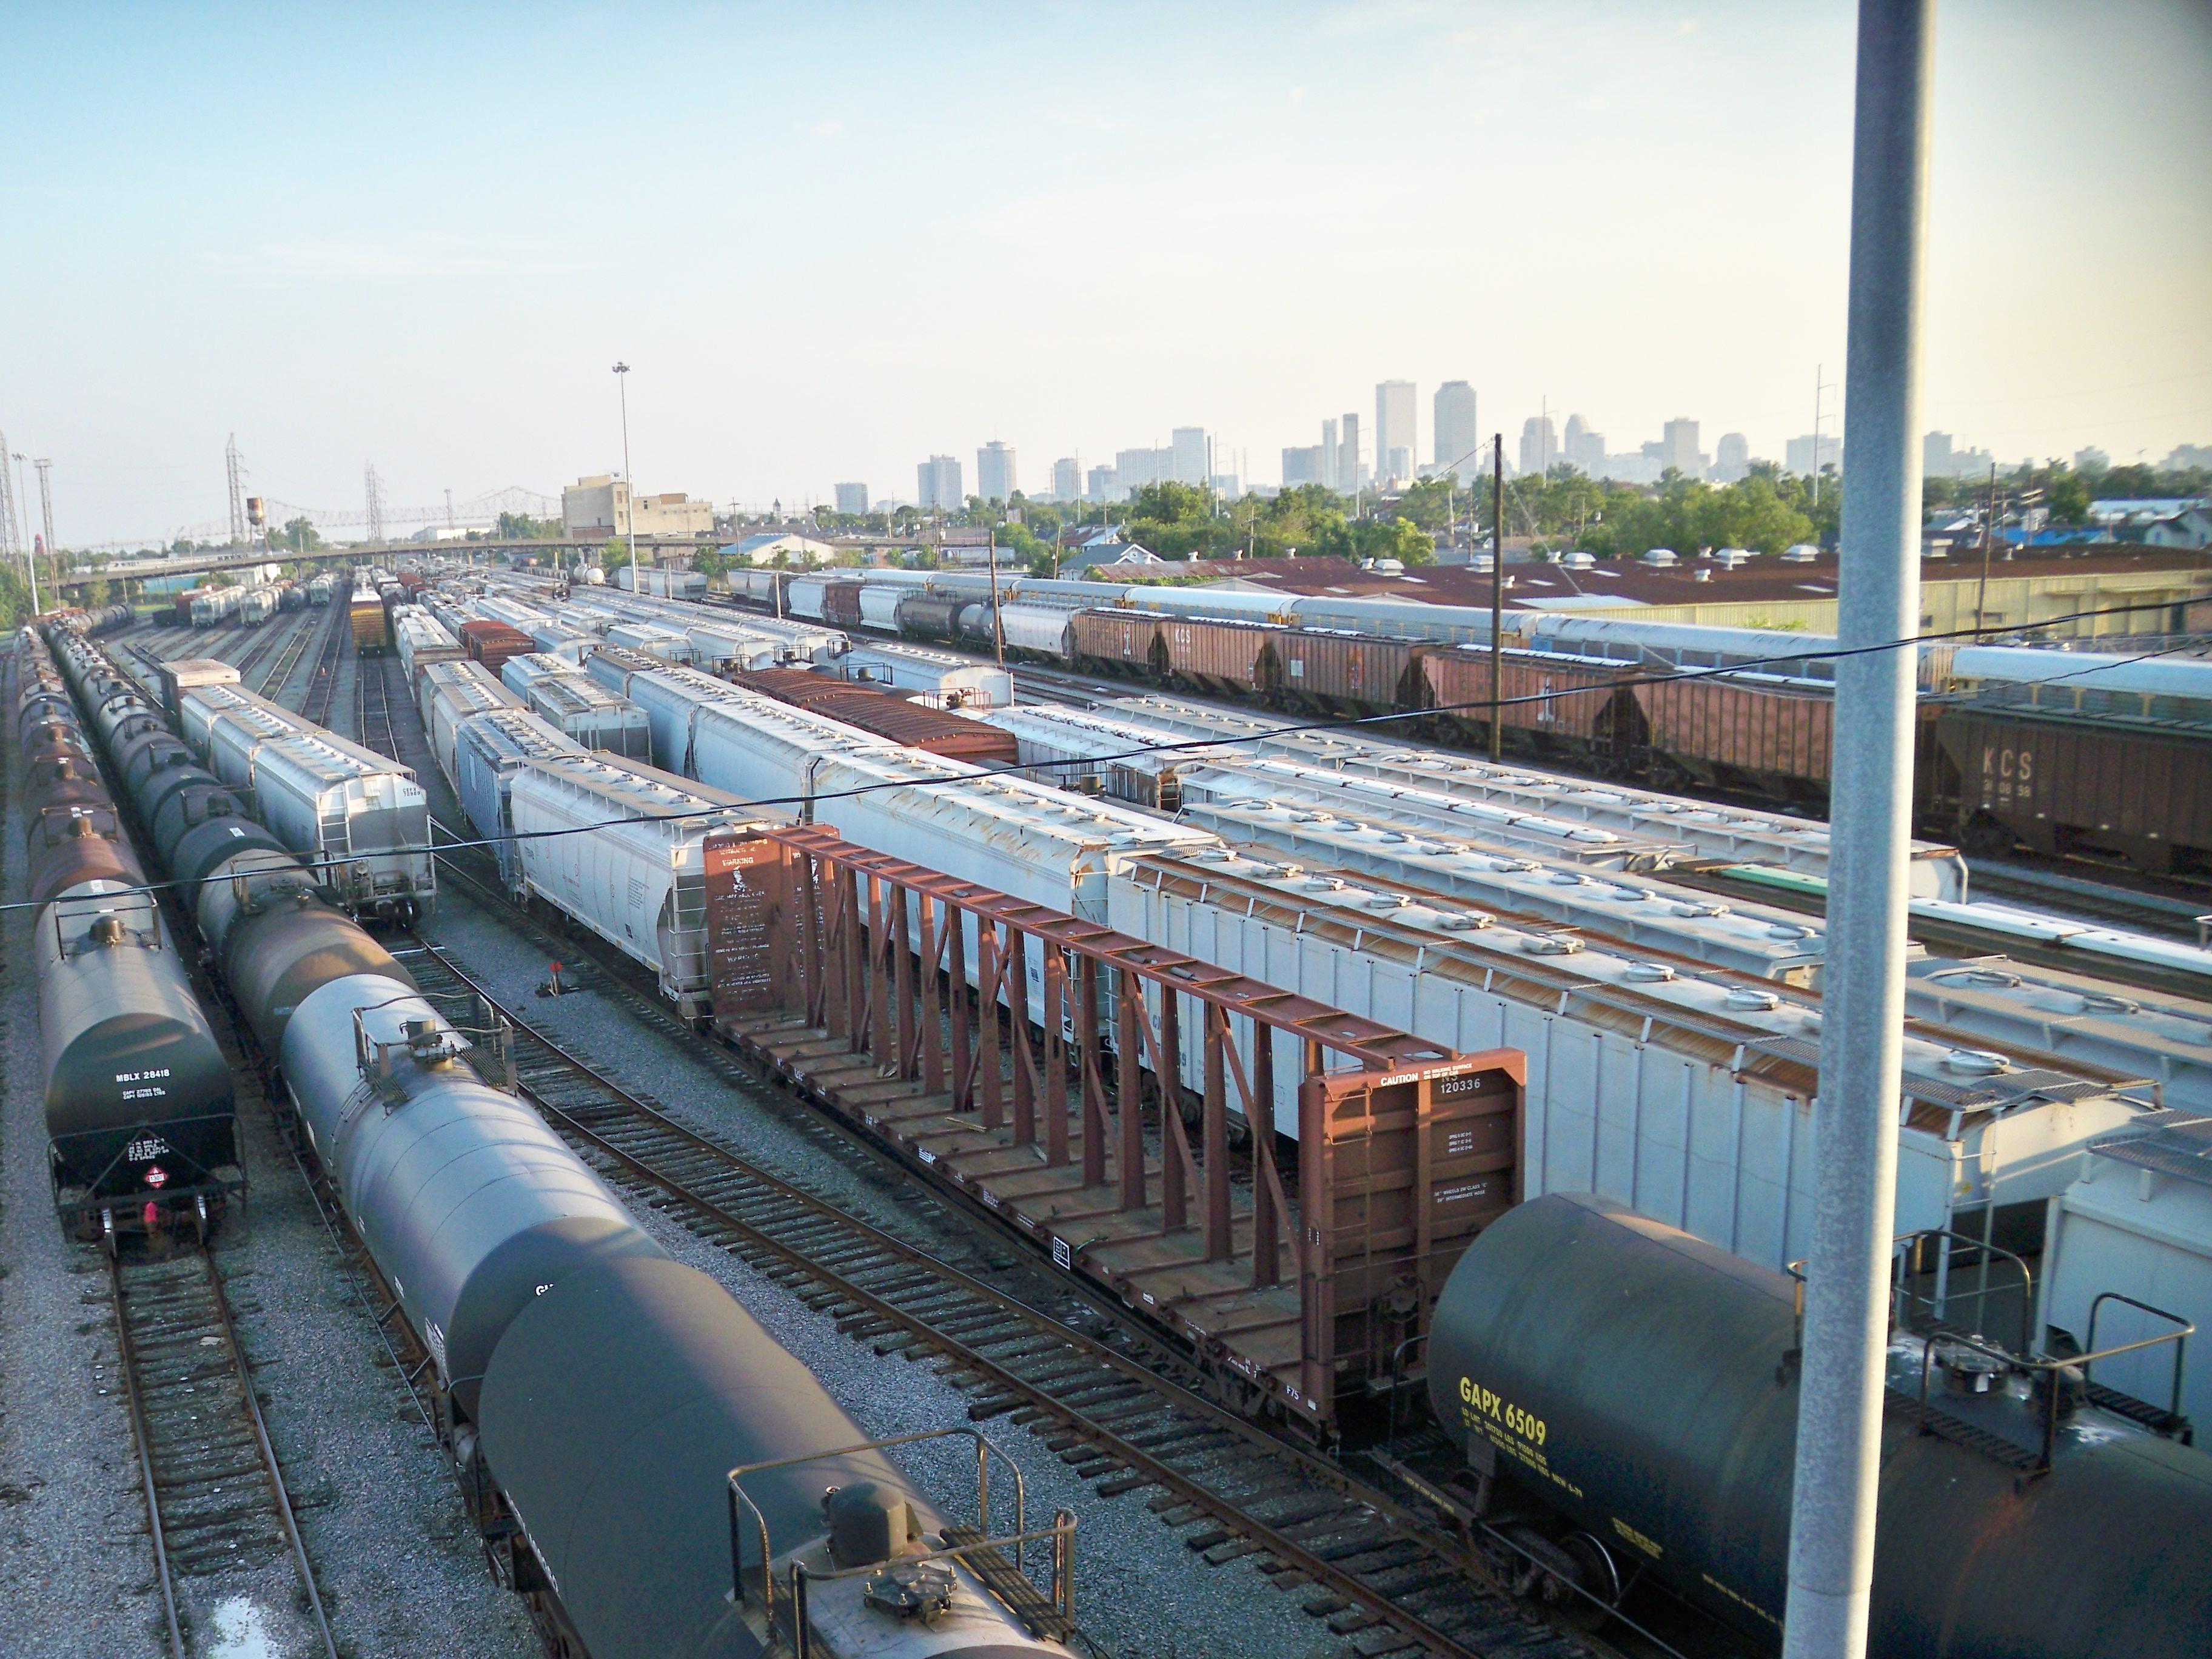 Oliver Train Depot at Galvez